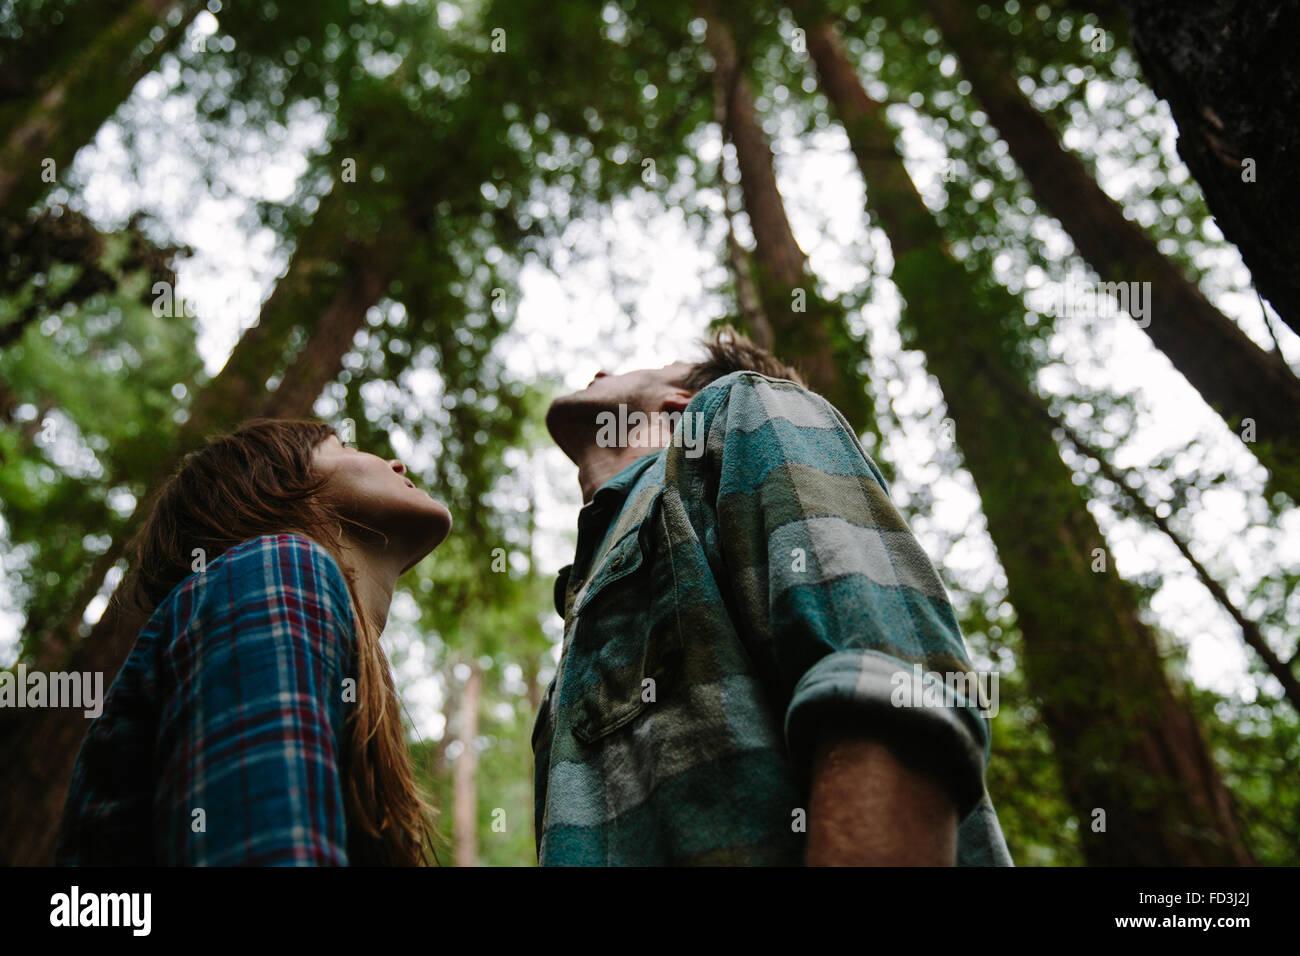 Junges Paar schauen in Richtung der Spitzen der riesigen Redwood-Bäume. Big Sur, Kalifornien. Stockfoto